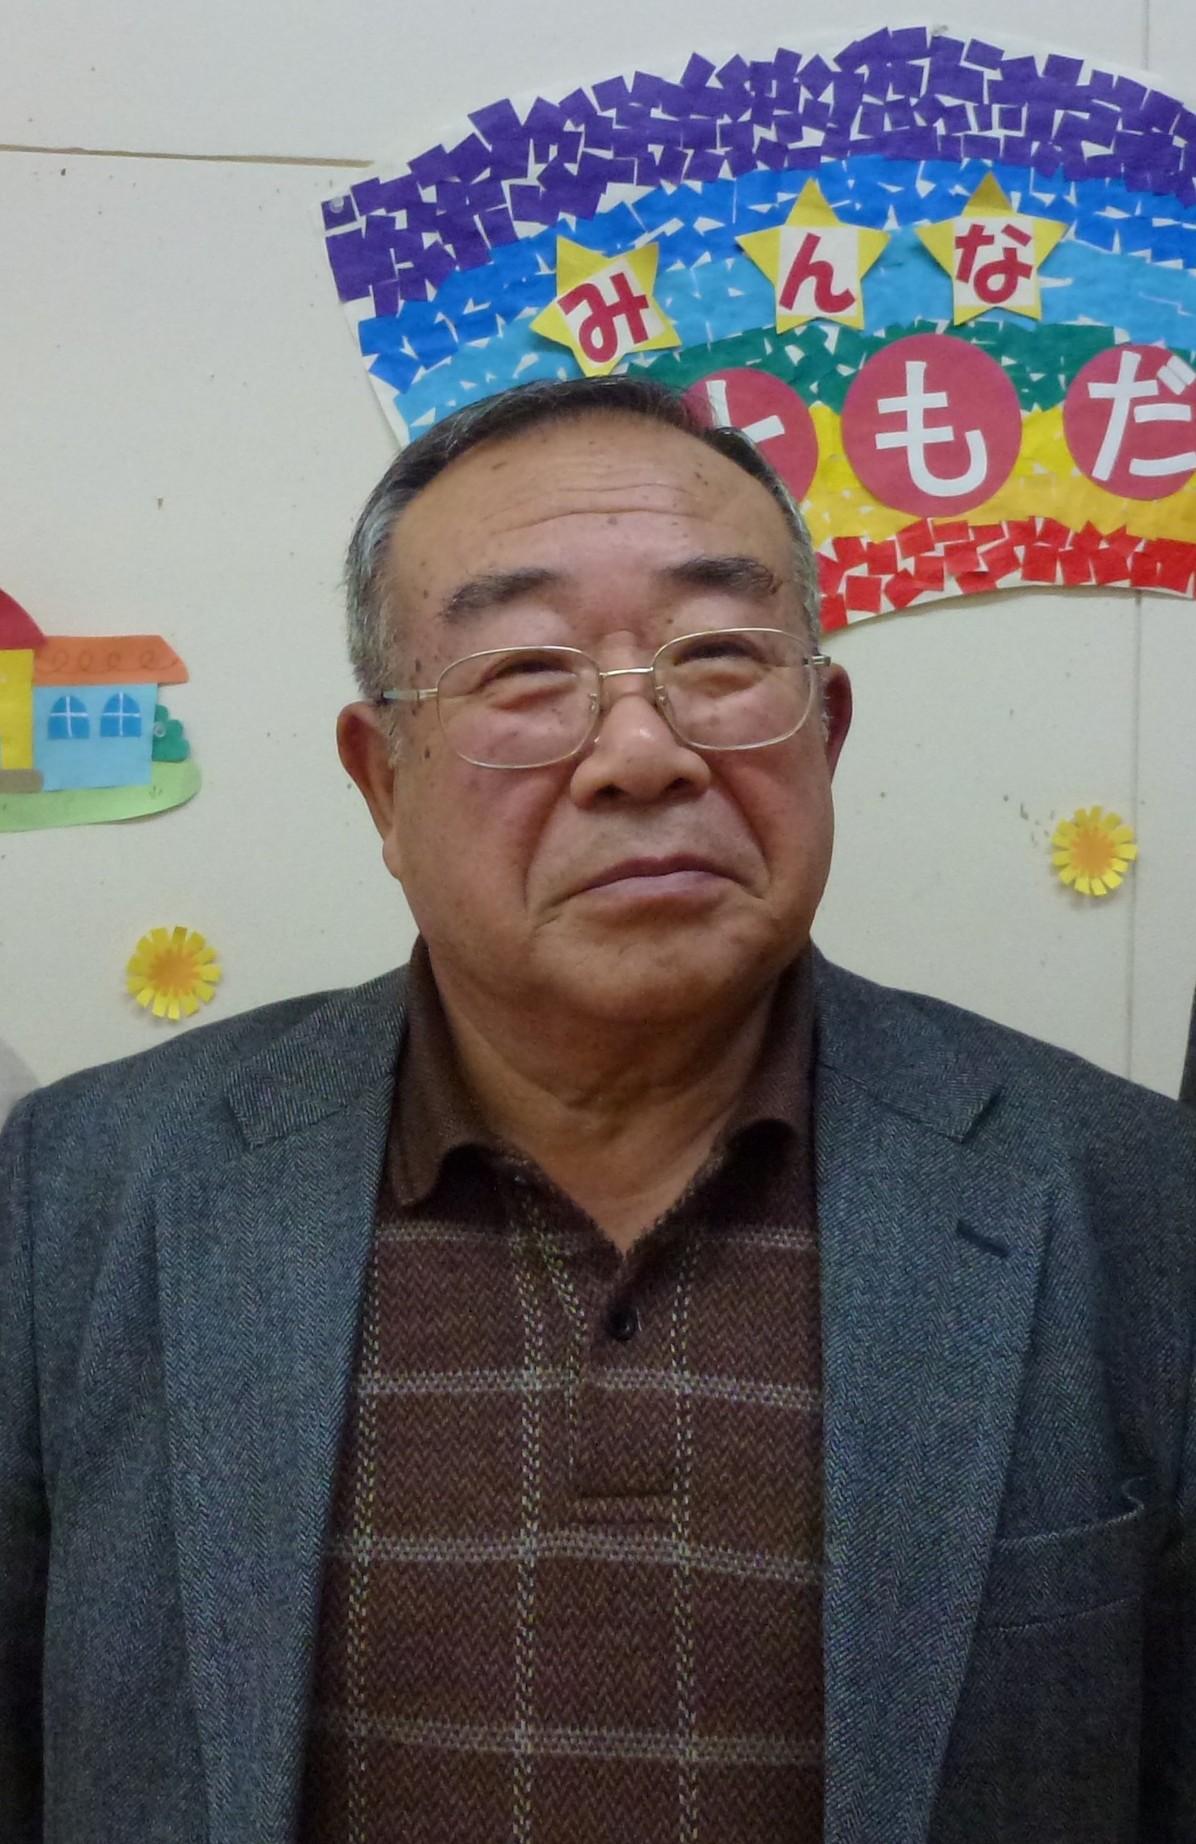 """Monsieur Tsuda. En arrière plan, une affichette proclame sur un fond d'arc en ciel: """"Tout le monde est notre ami"""""""